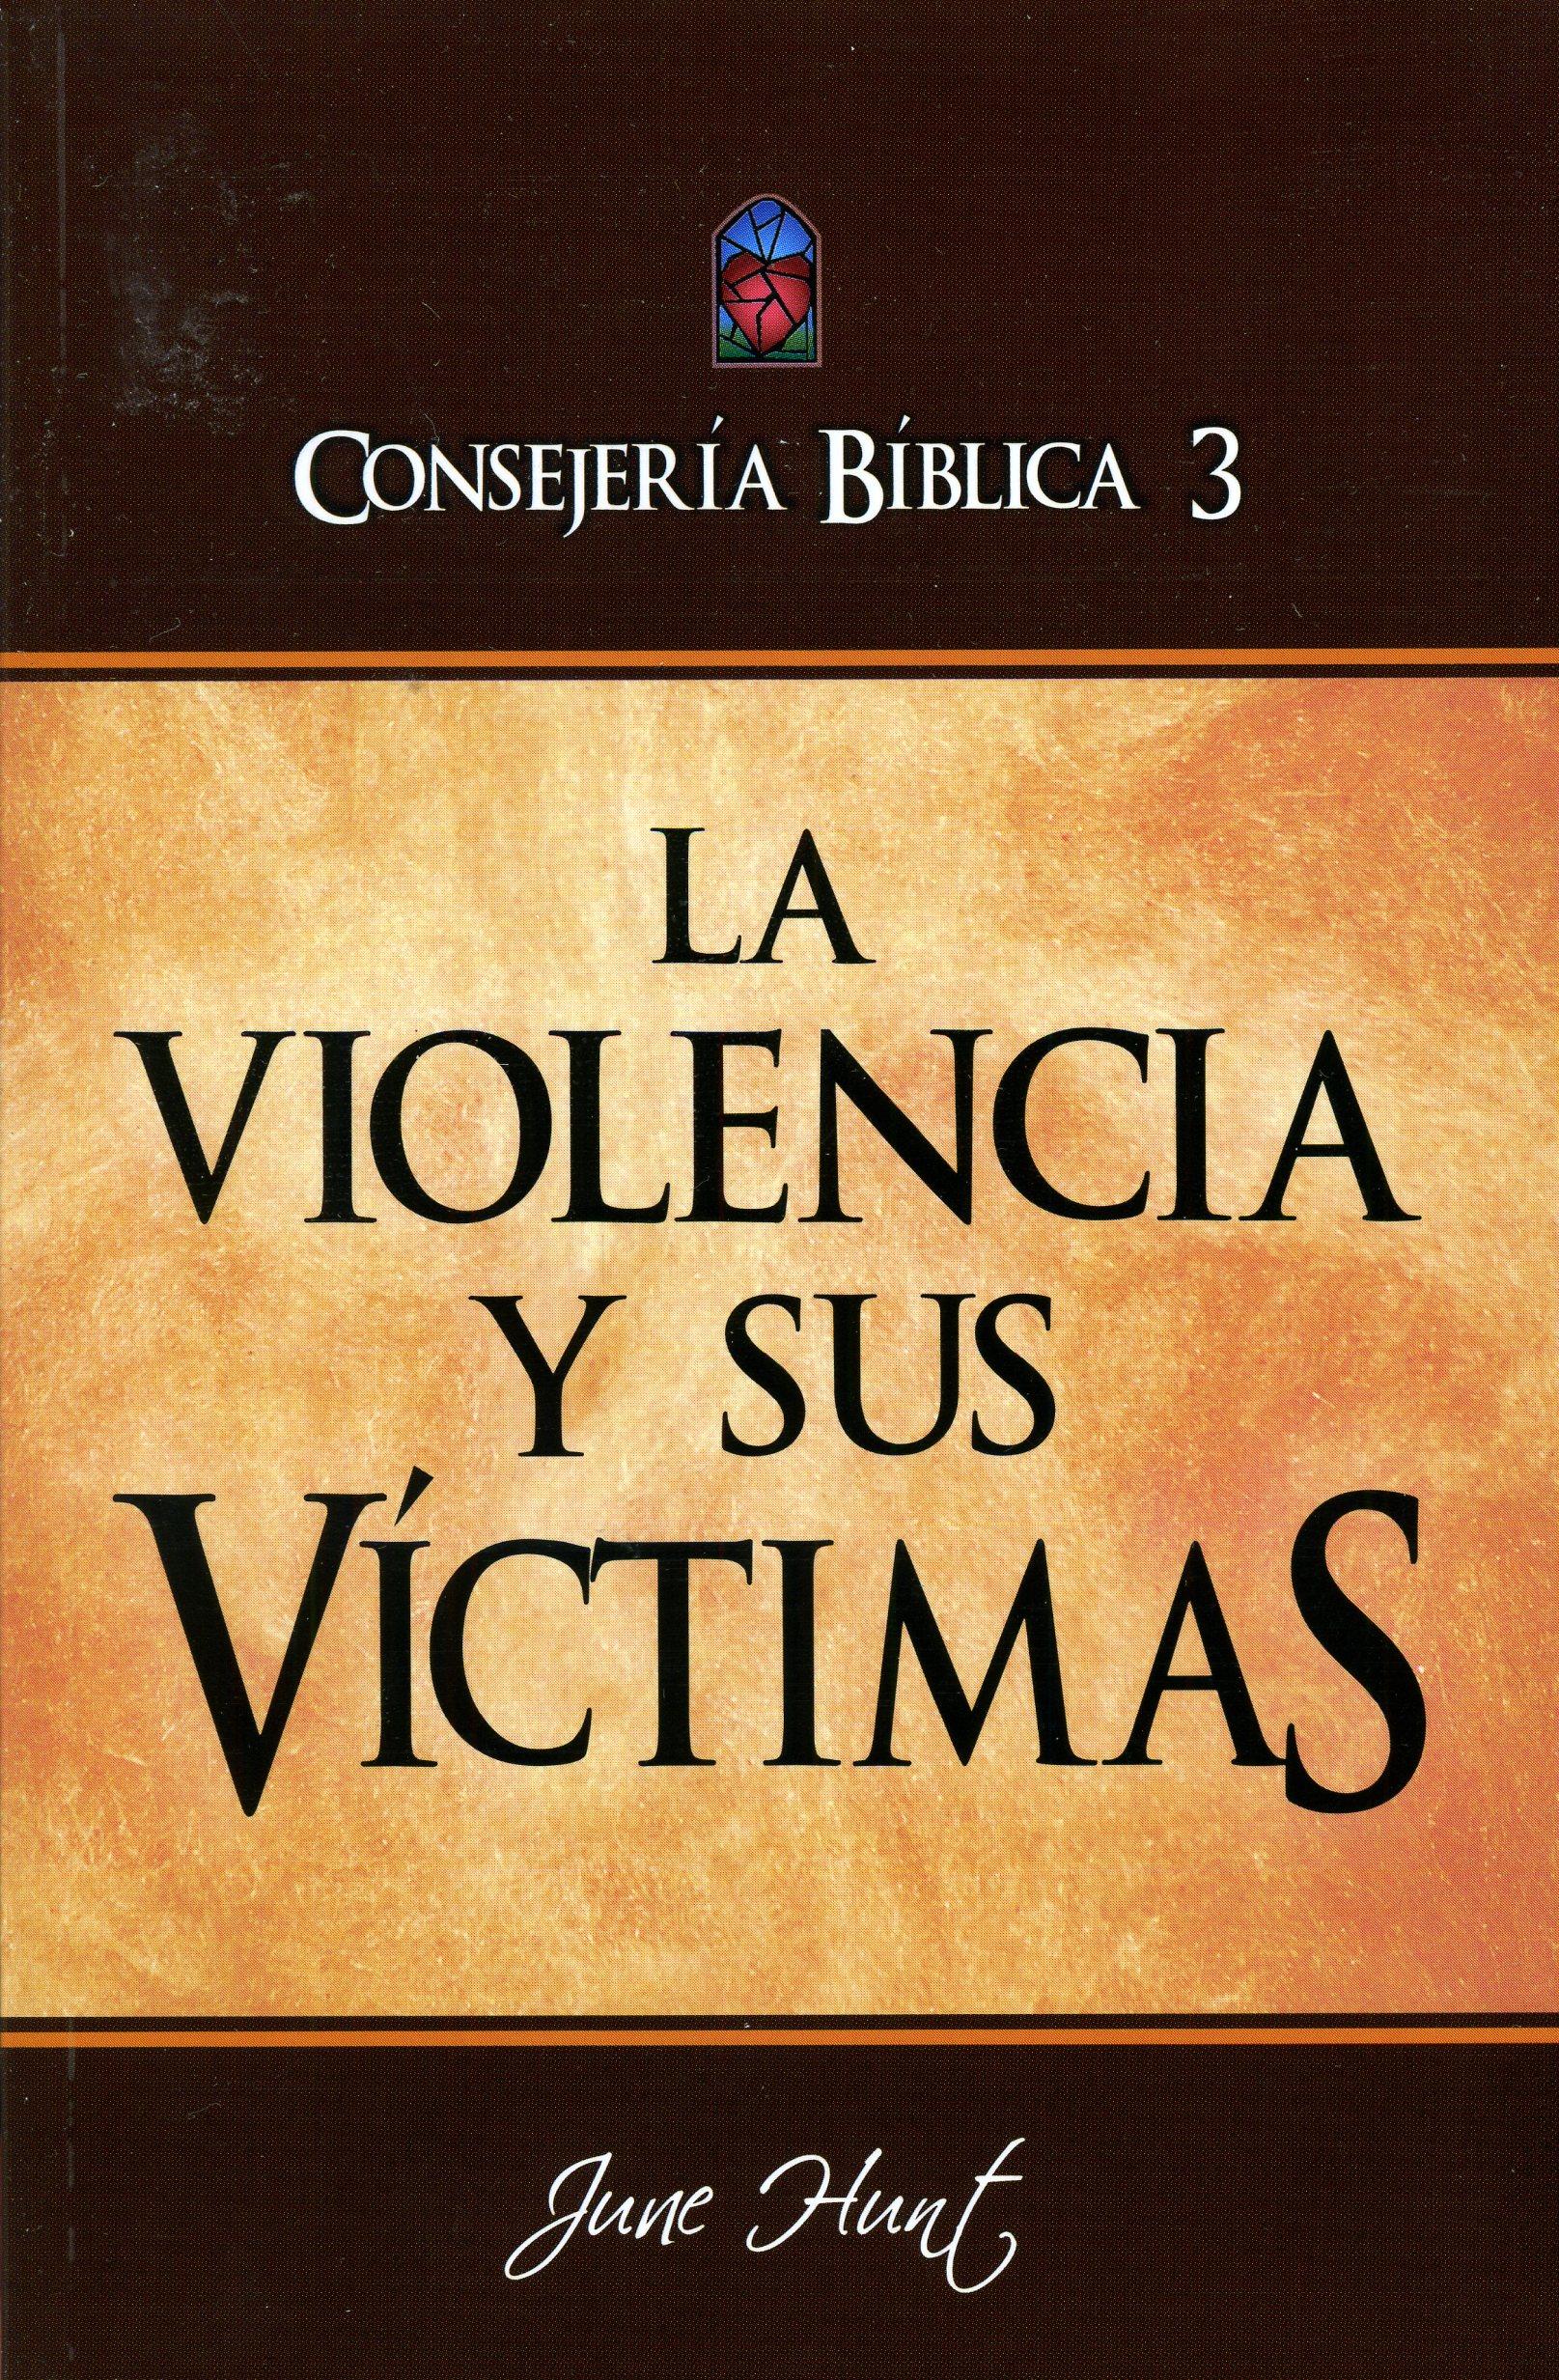 Consejería Bíblica Vol 3 - La Violencia y sus Víctimas